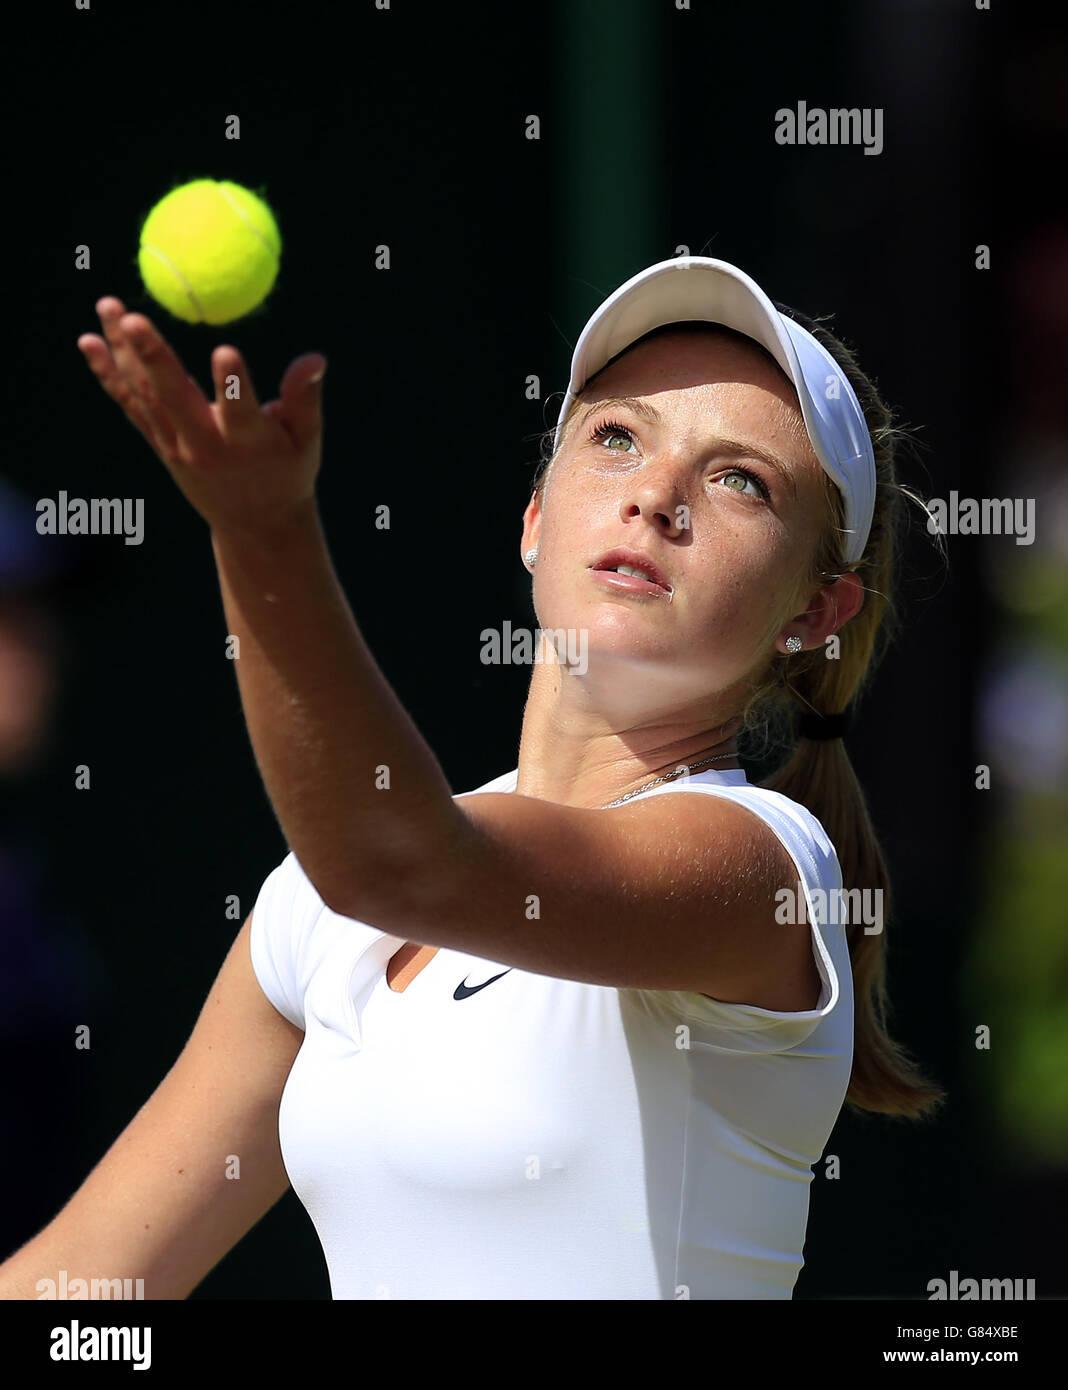 Katie Swan en acción durante el séptimo día del Campeonato de Wimbledon en el All England Lawn Tennis and Croquet Club, Wimbledon. Foto de stock